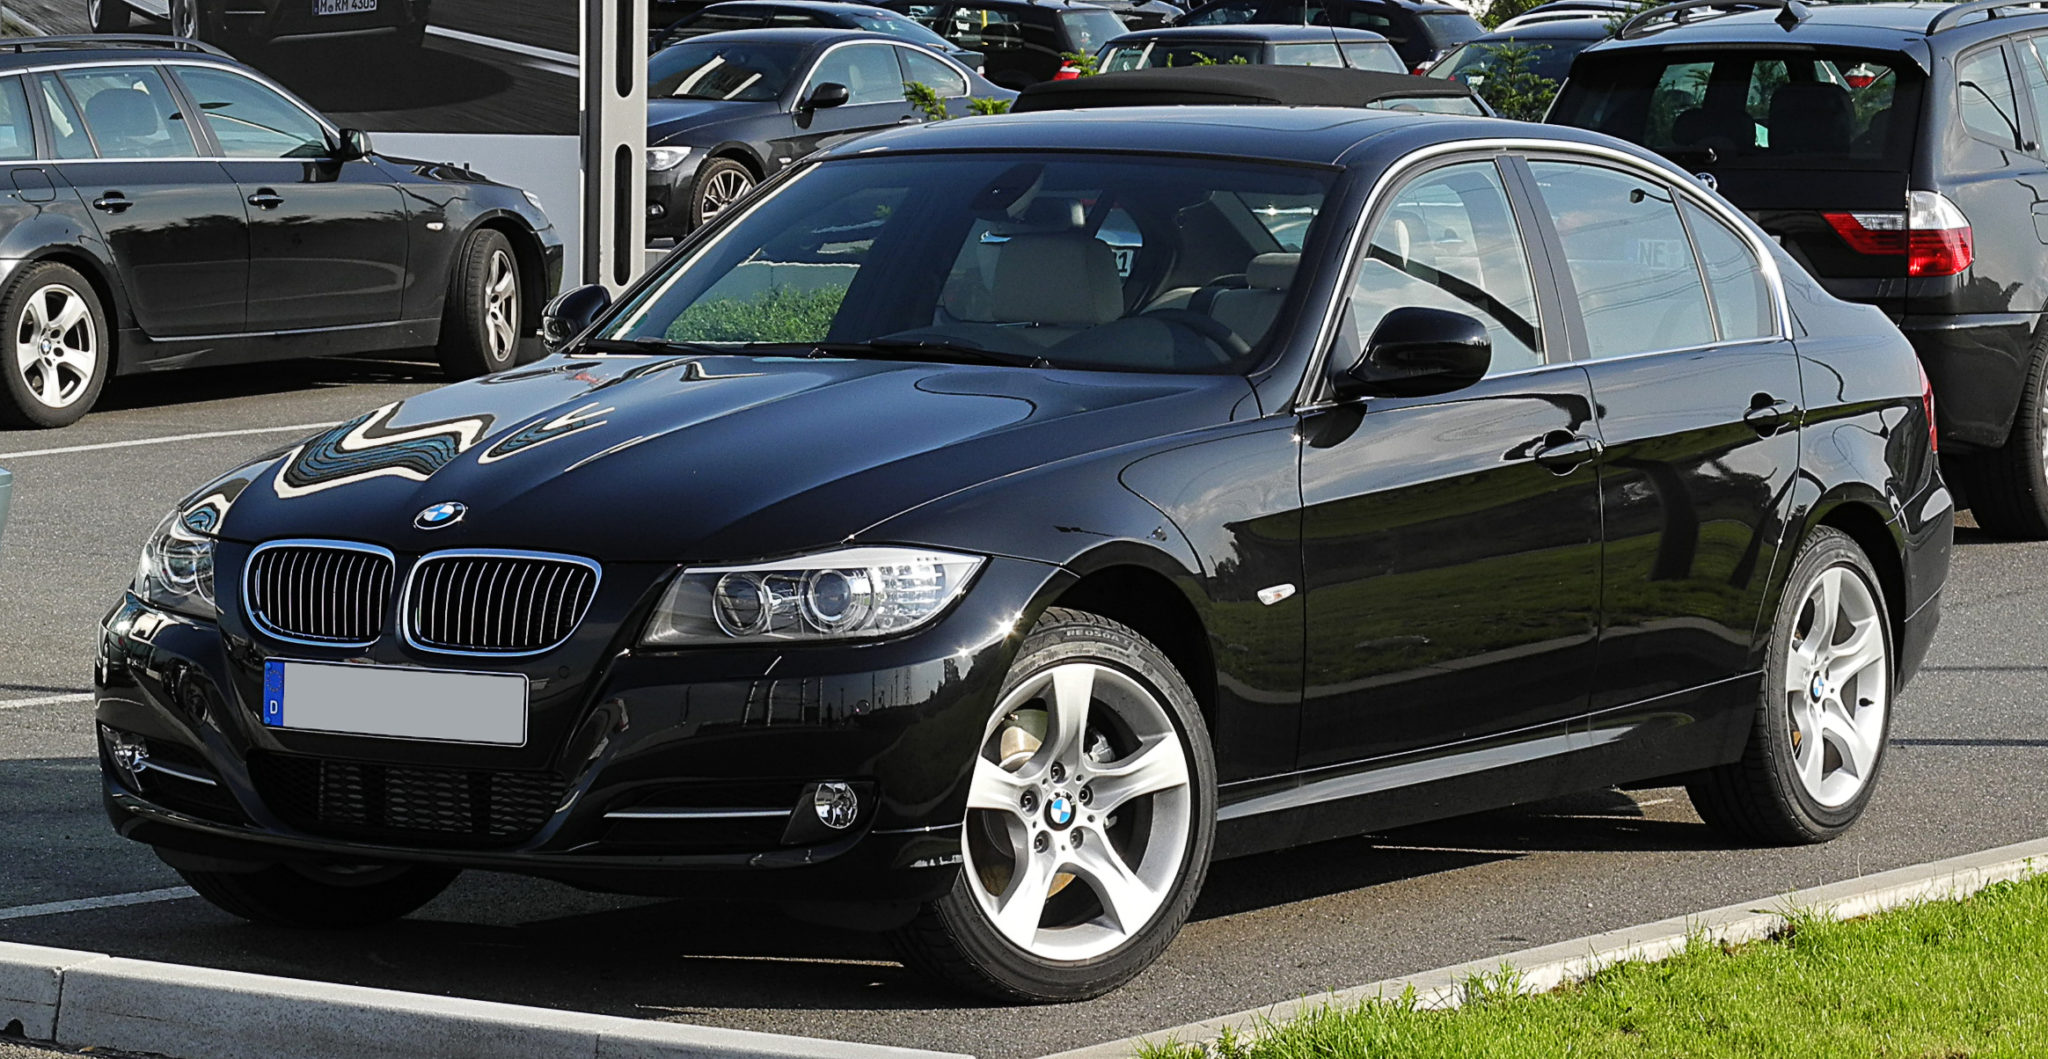 metaliczny dzwięk rozrząd BMW